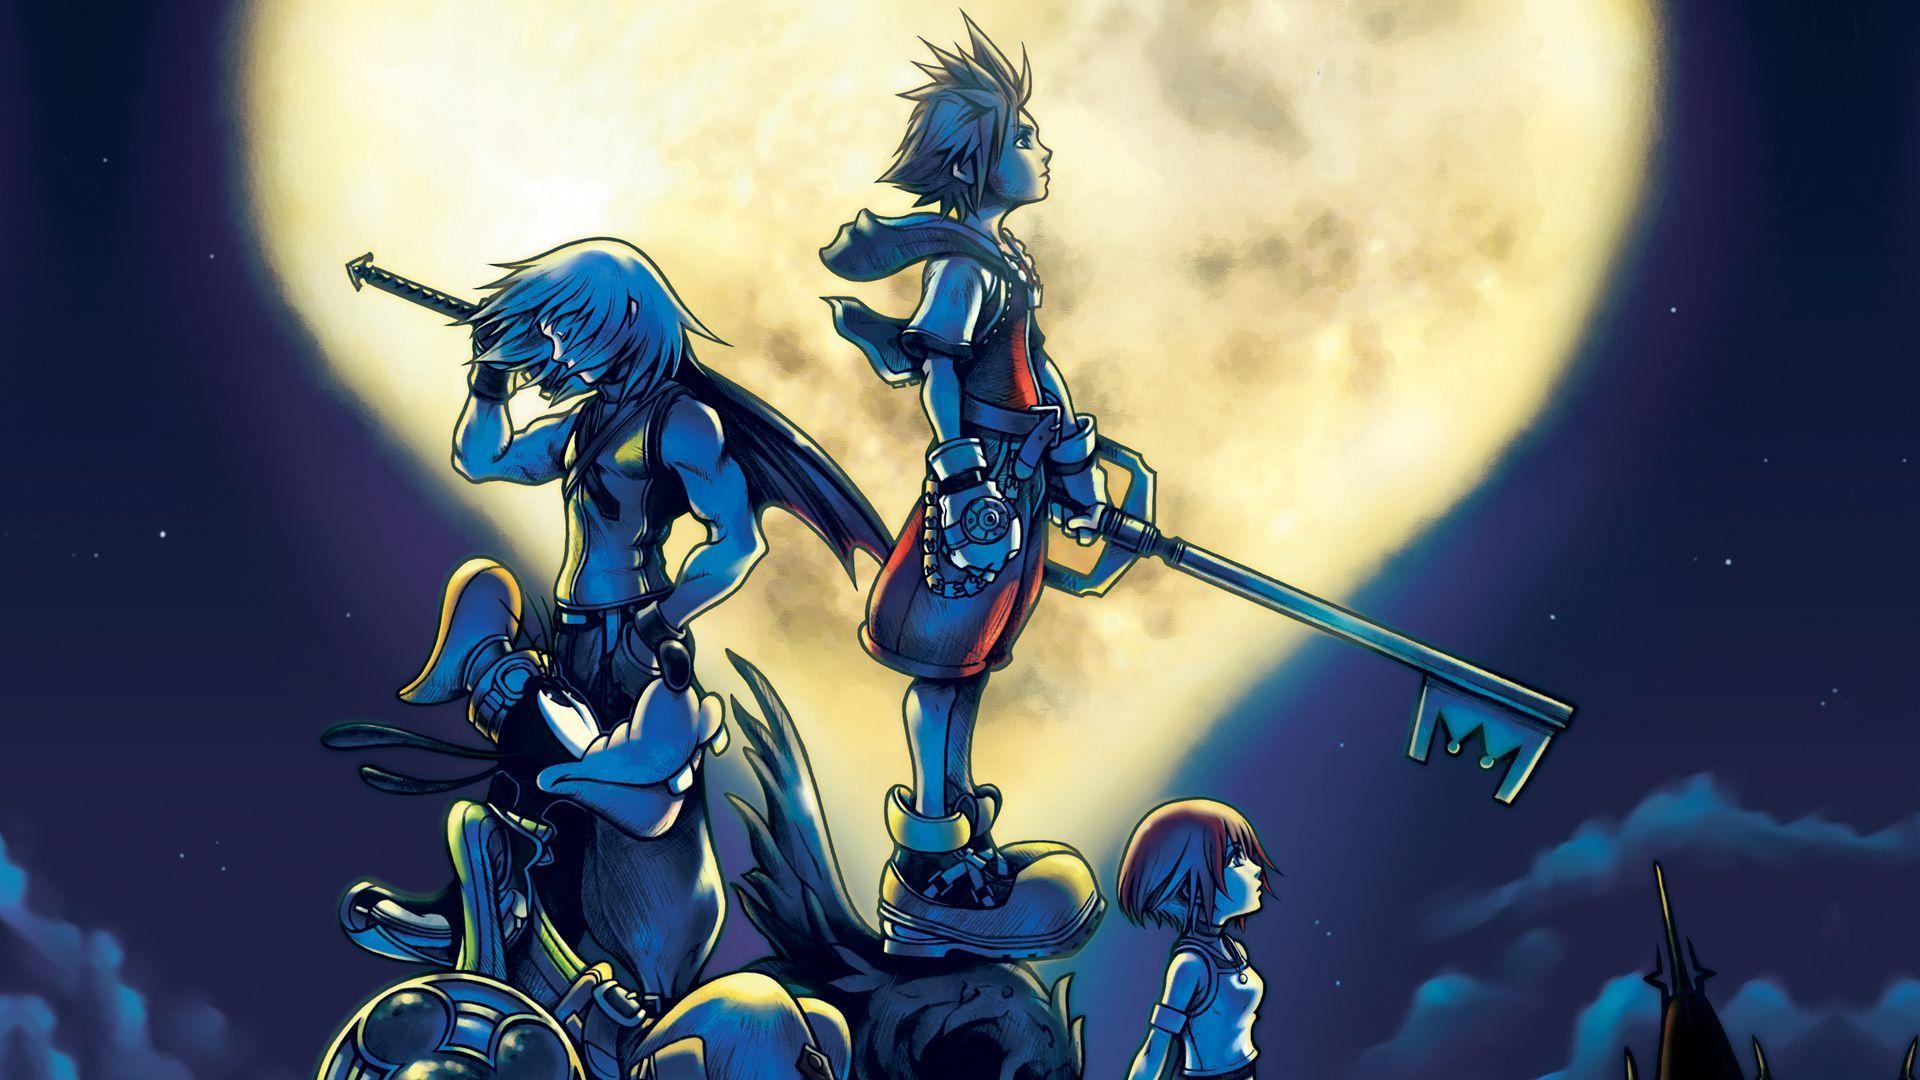 Kingdom Hearts wallpaper 18077 1920x1080